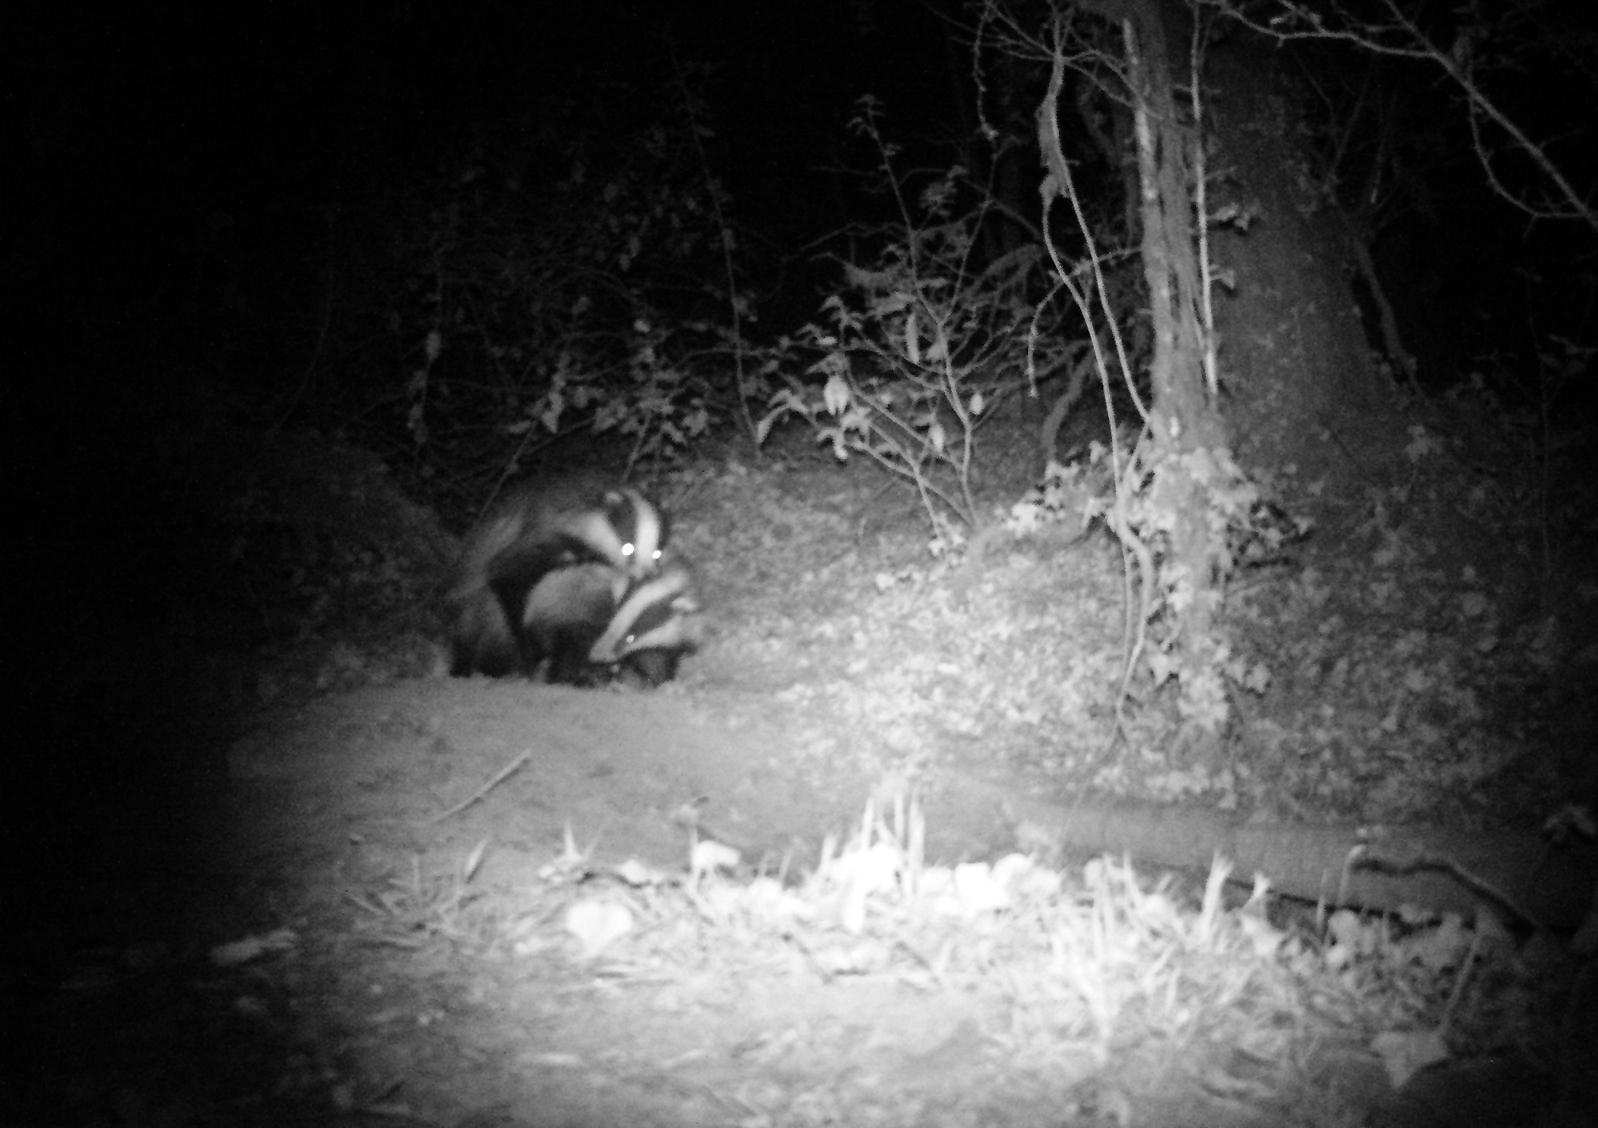 La cópula captada con cámara nocturna. Imagen cedida por Xosé Pardavila.